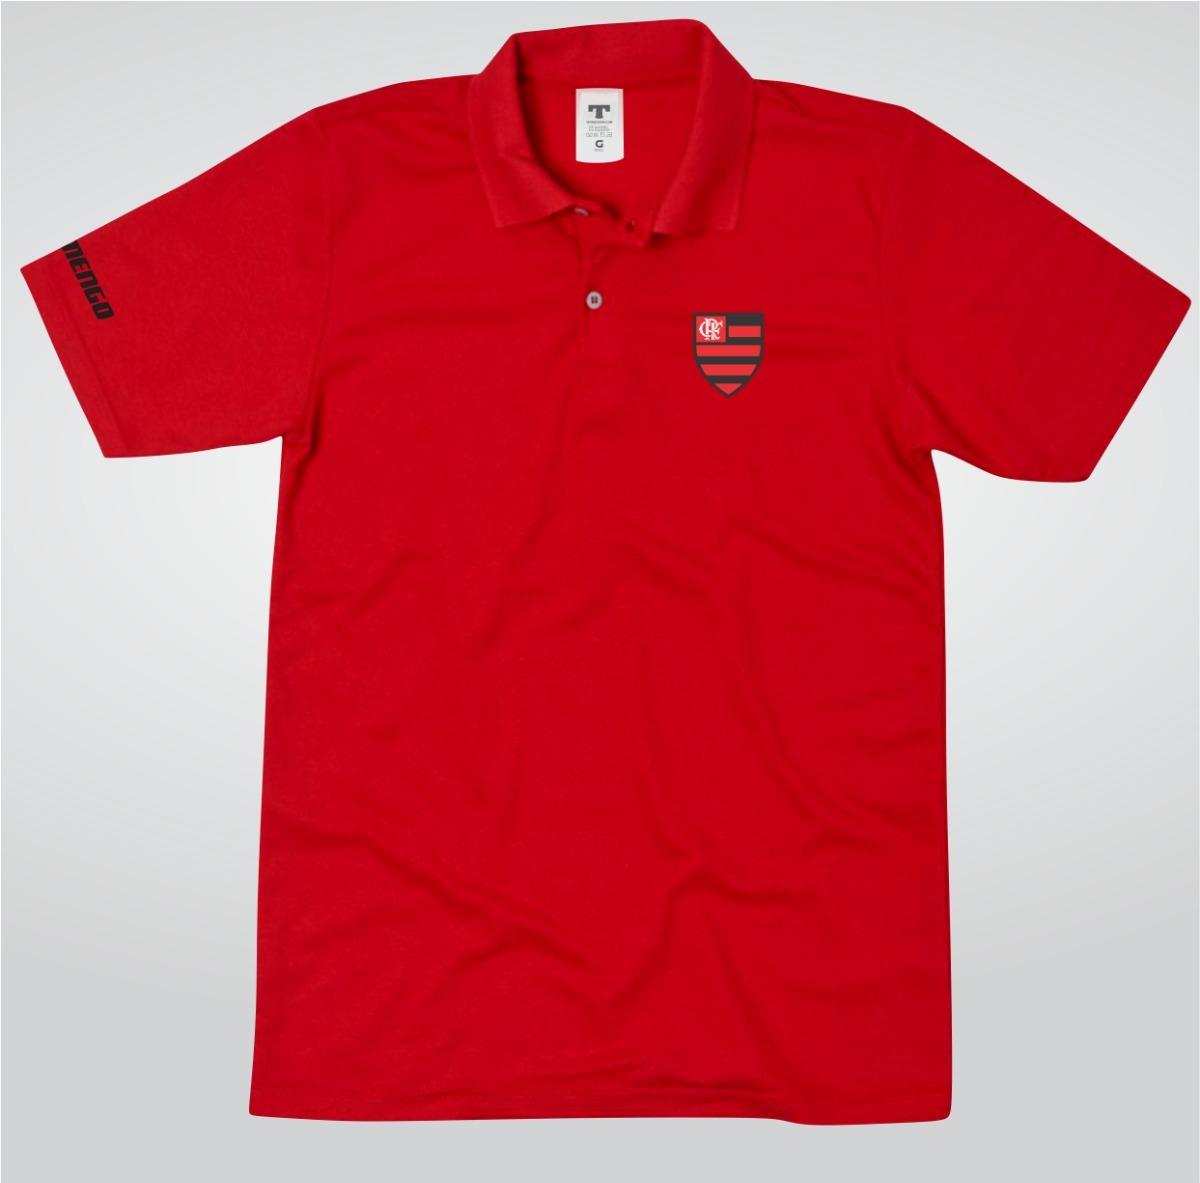 camisa camiseta flamengo polo torcedor preto ou branco fla. Carregando zoom. e6a65a7048cb8